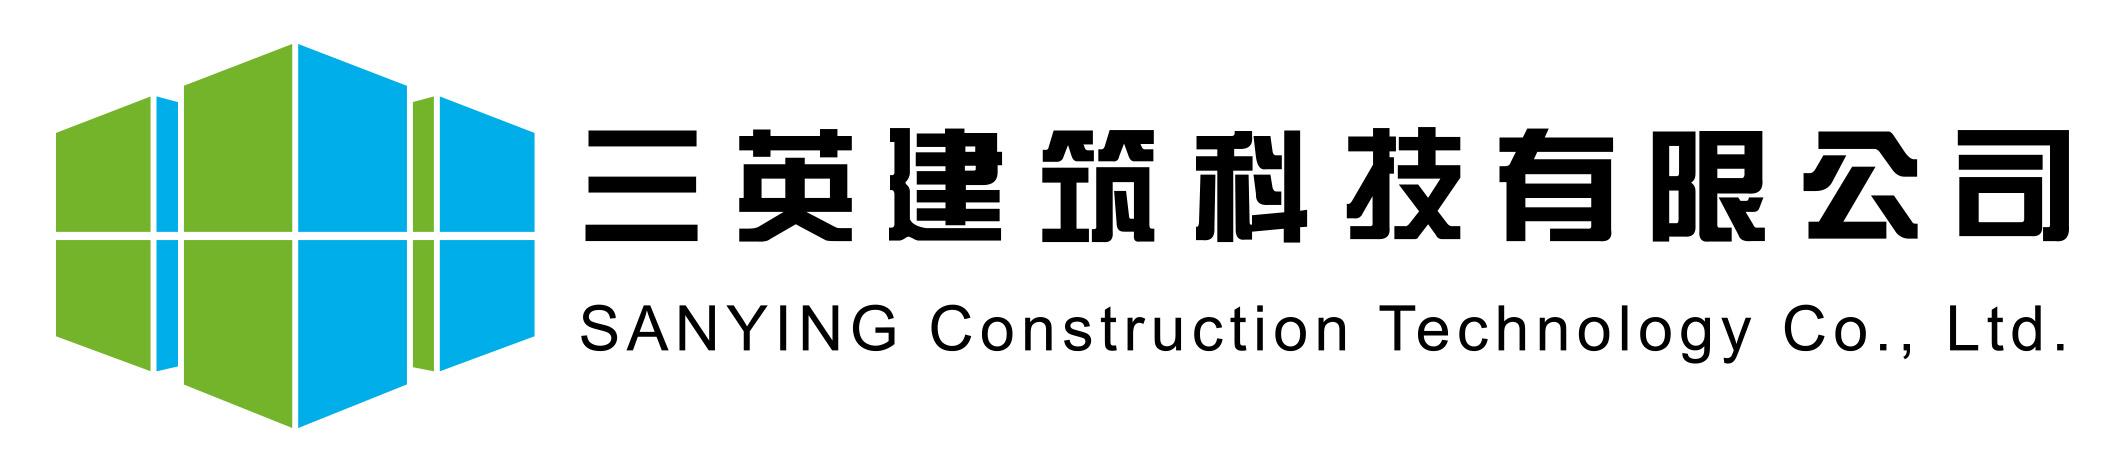 山东三英建筑科技有限公司